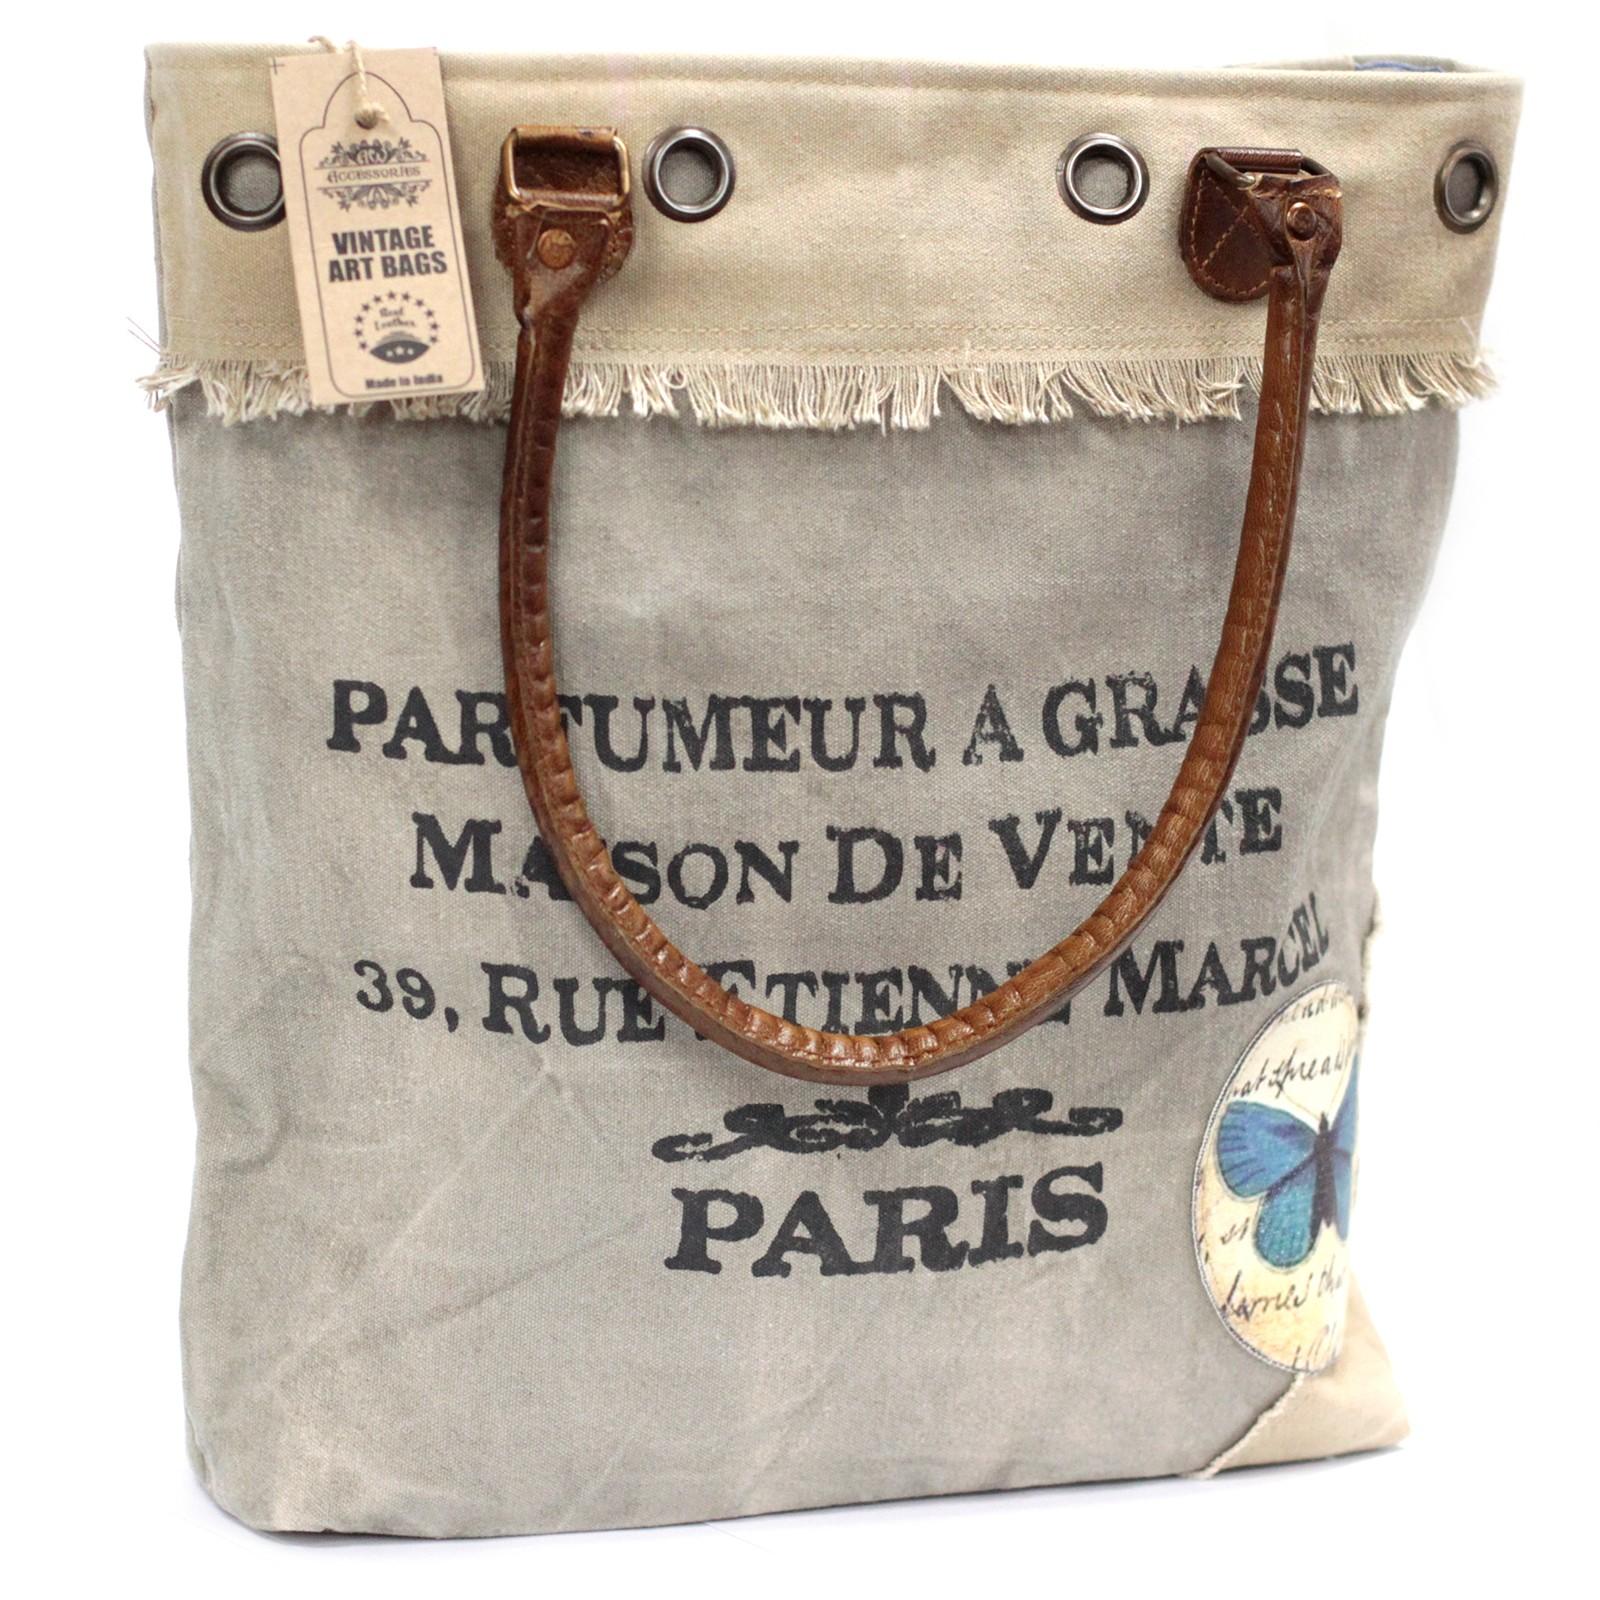 Vintage Bag - Parfumeur a Grasse